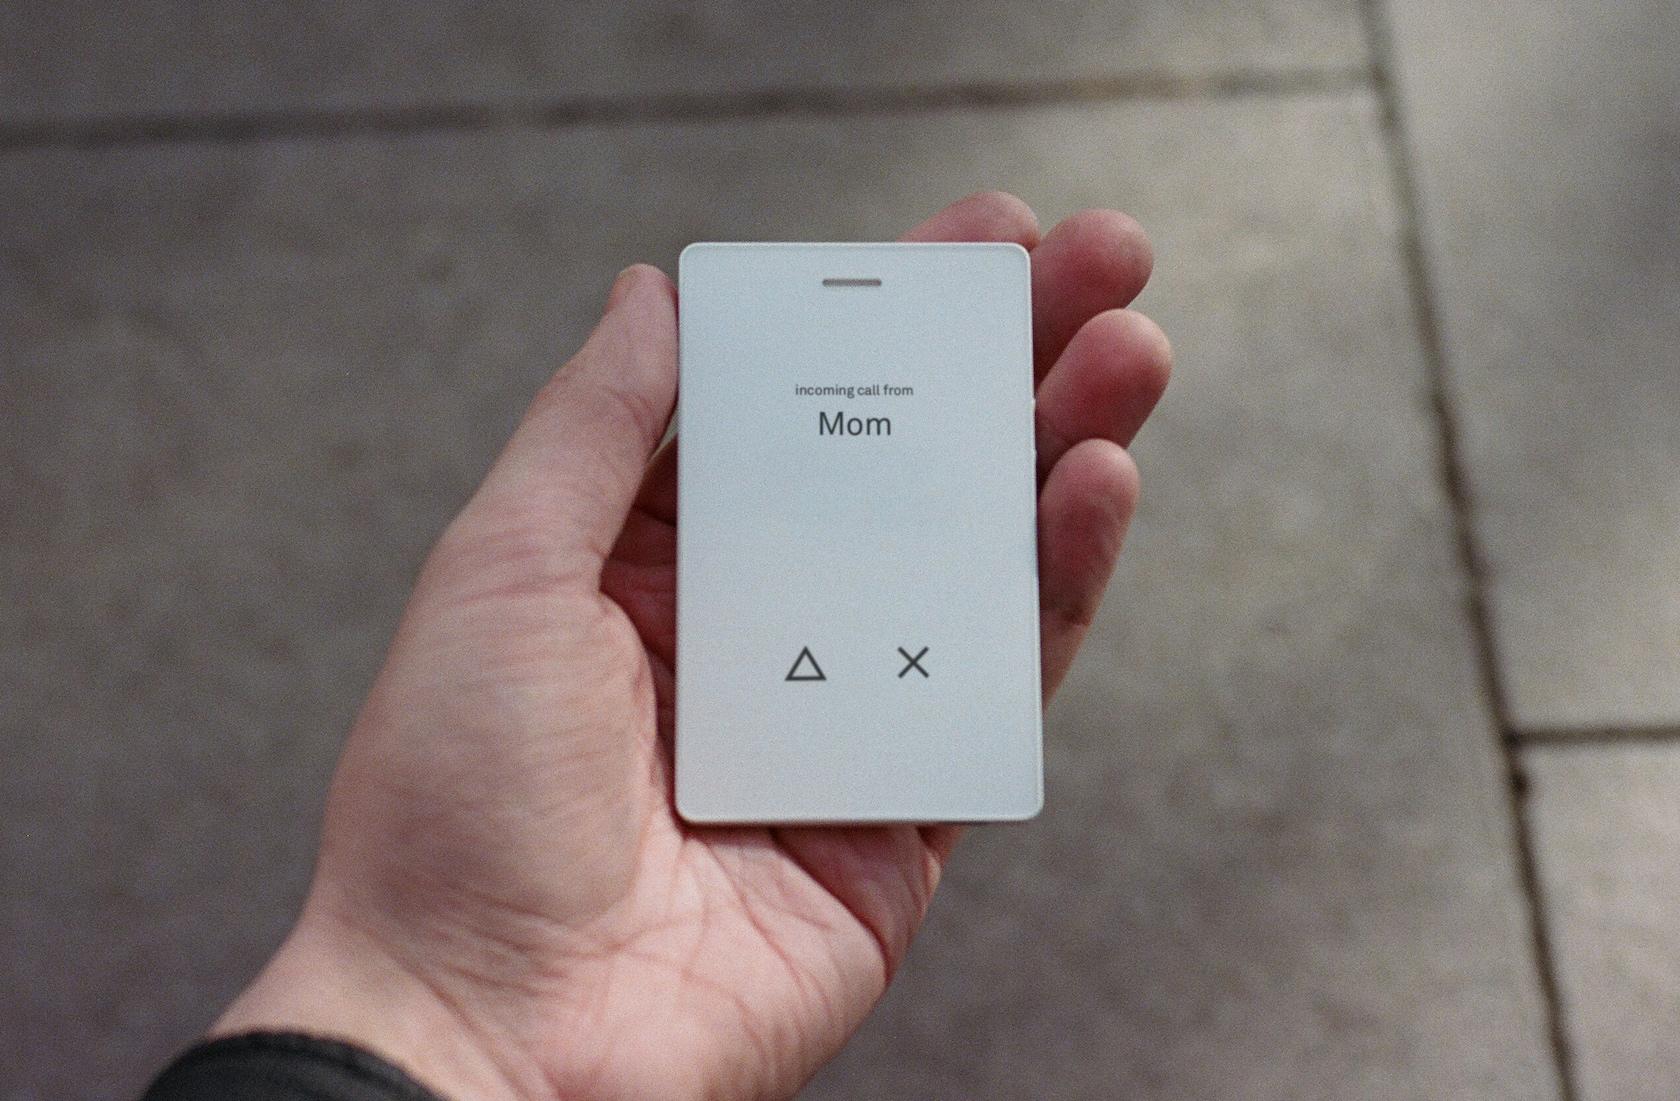 Смартфон Light Phone 2 - инструмент для общения, а не образа жизни